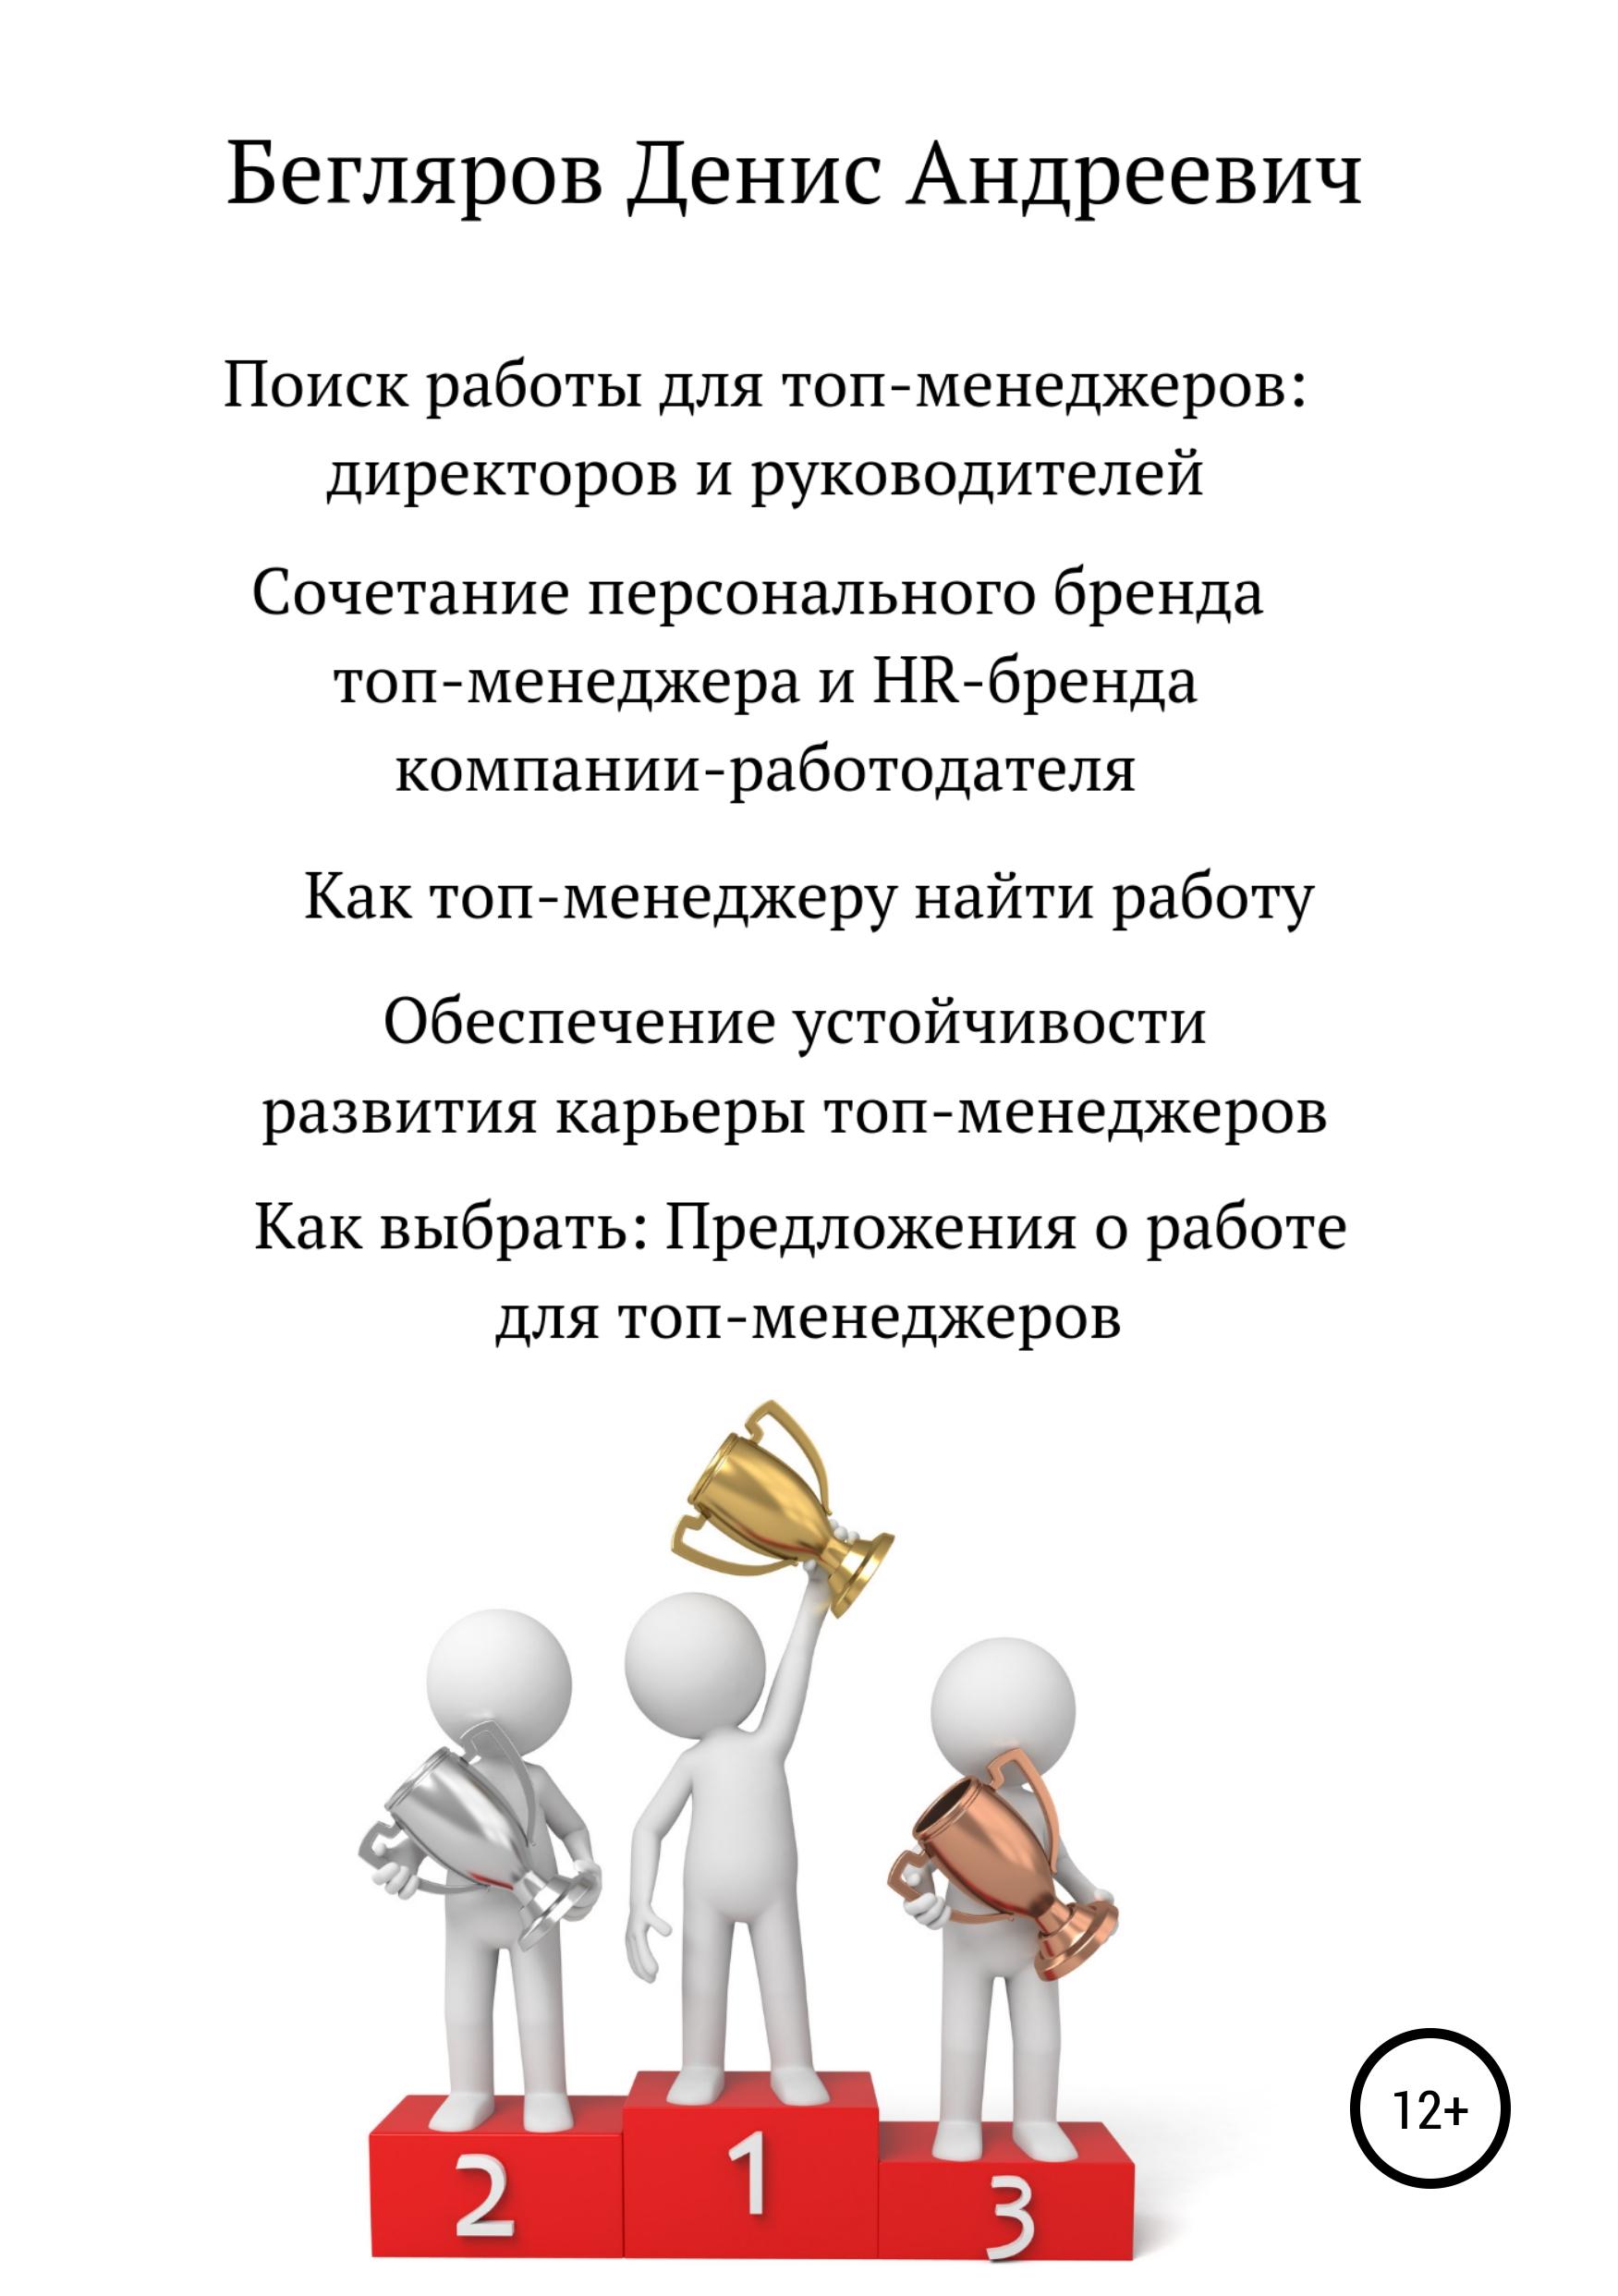 Денис Андреевич Бегляров Поиск работы для топ-менеджеров: директоров и руководителей авиакомпании вакансии